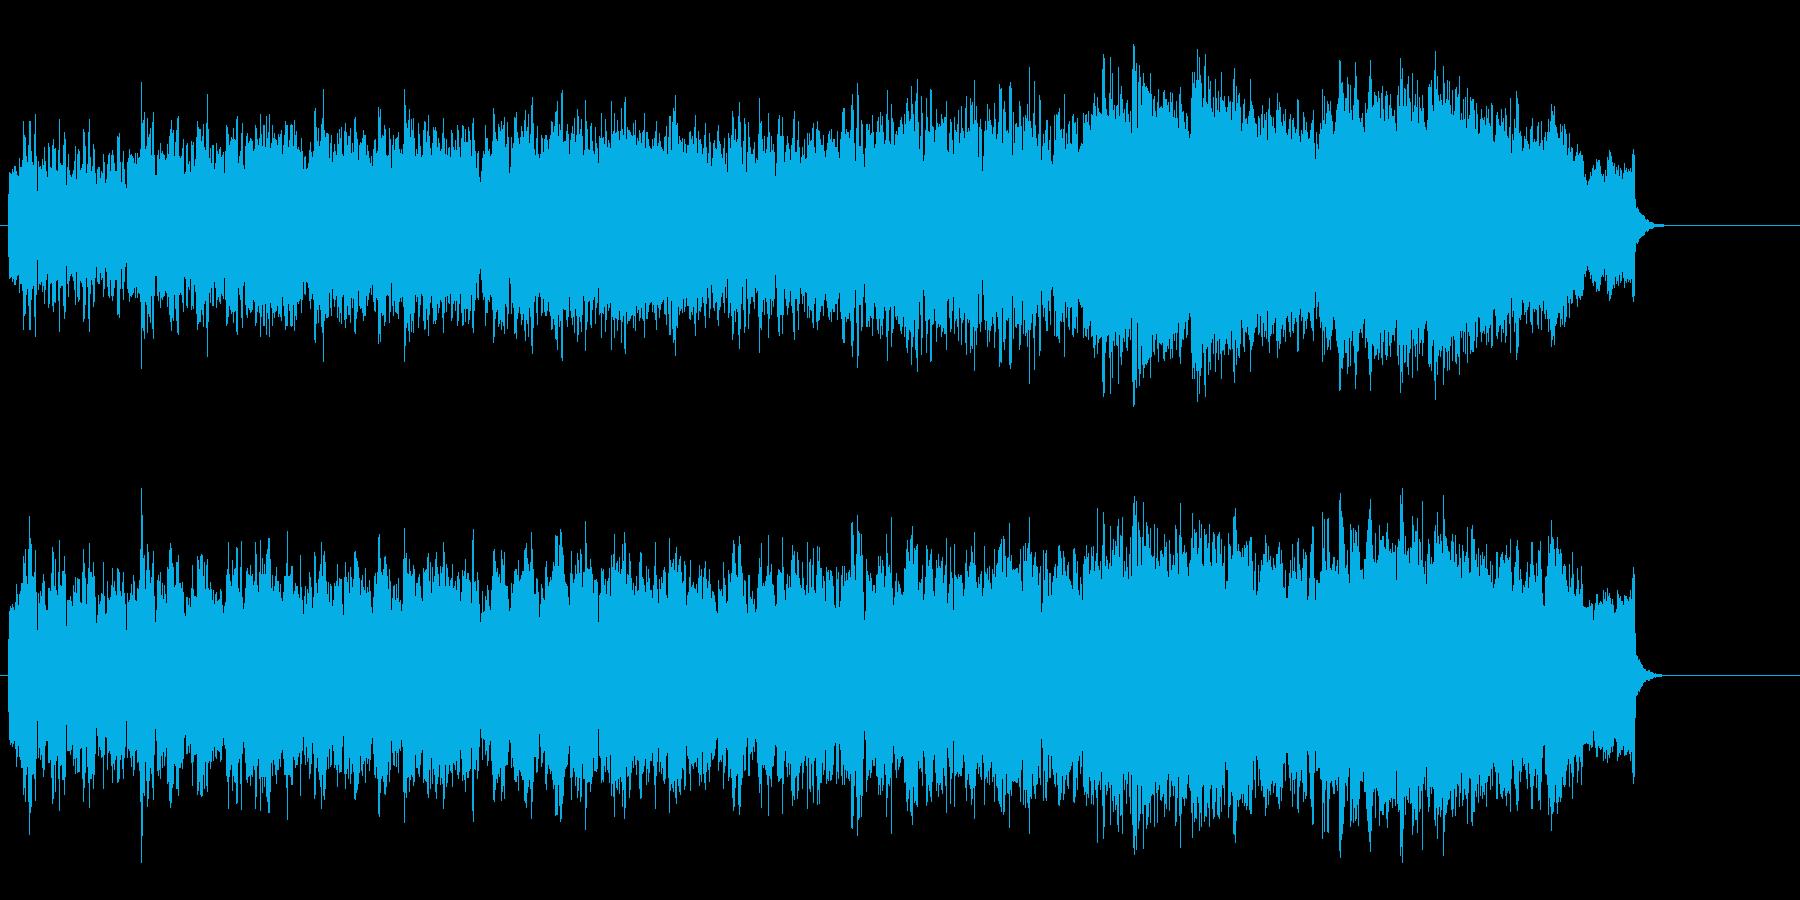 ピースフルなオーケストラ・サウンドの再生済みの波形